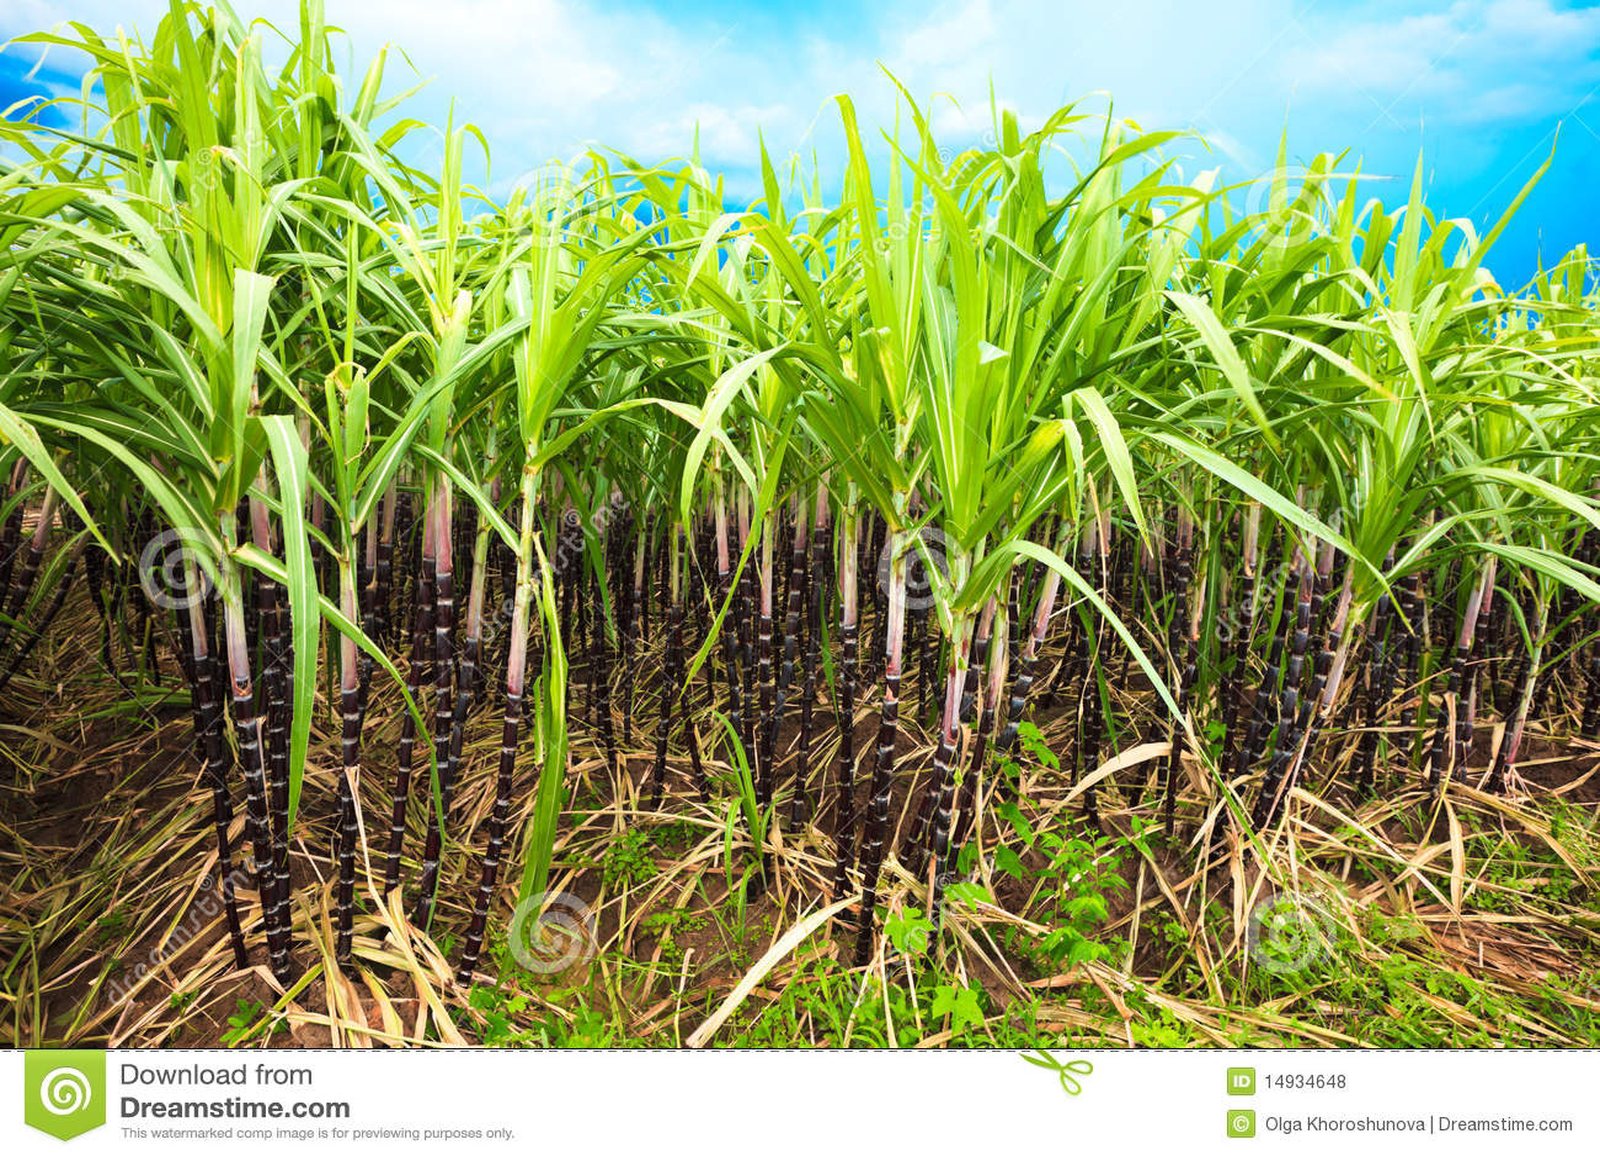 сахарный тростник фото